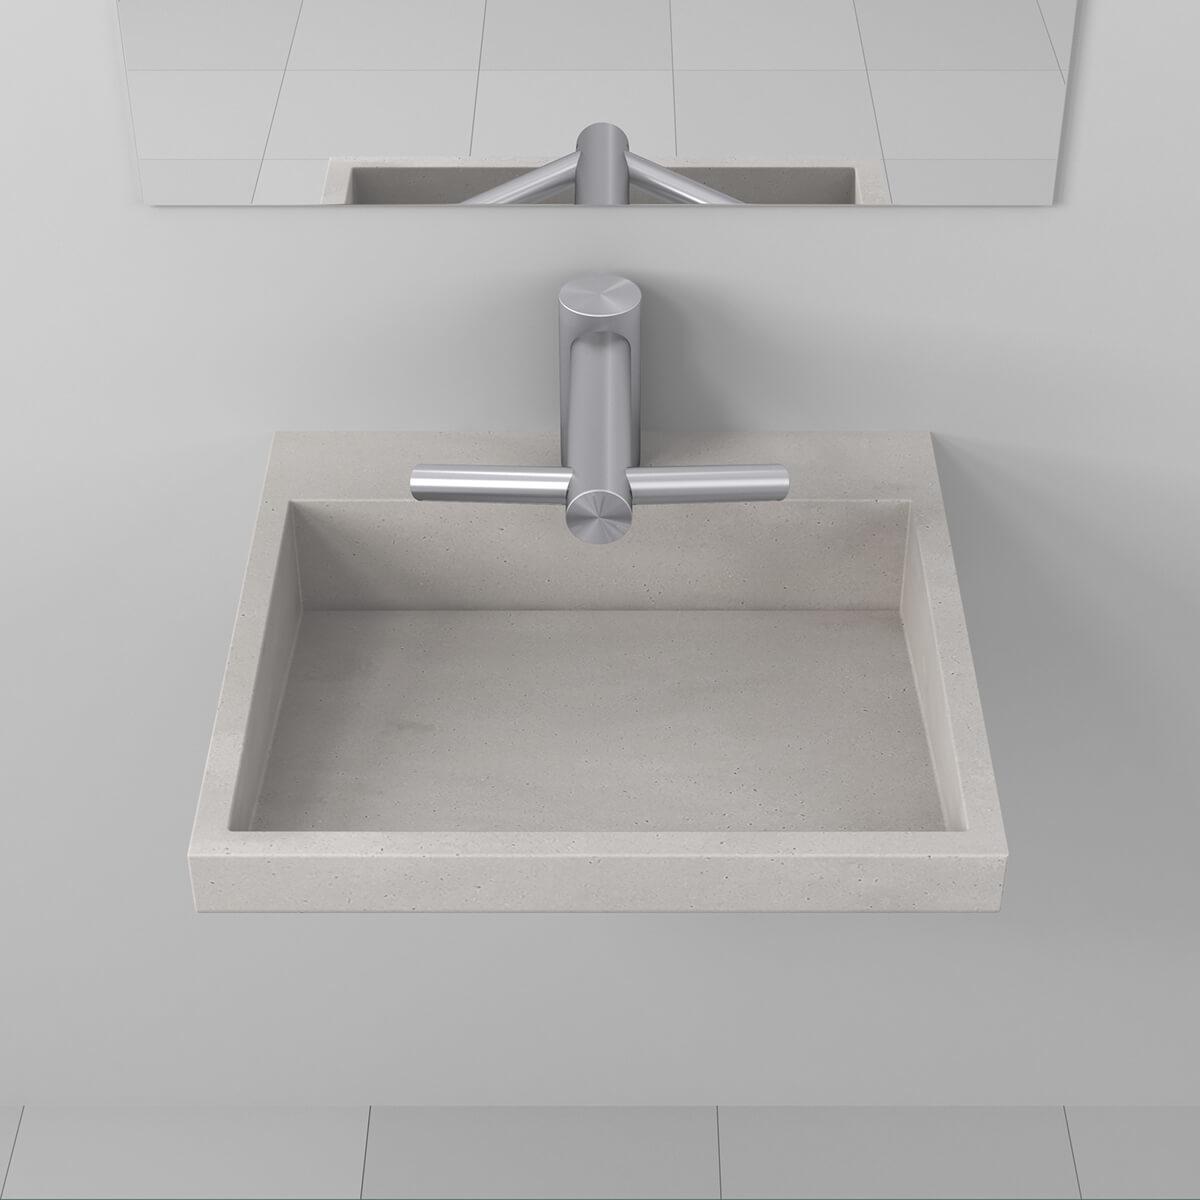 Corian<sup>®</sup> Washplane 5211